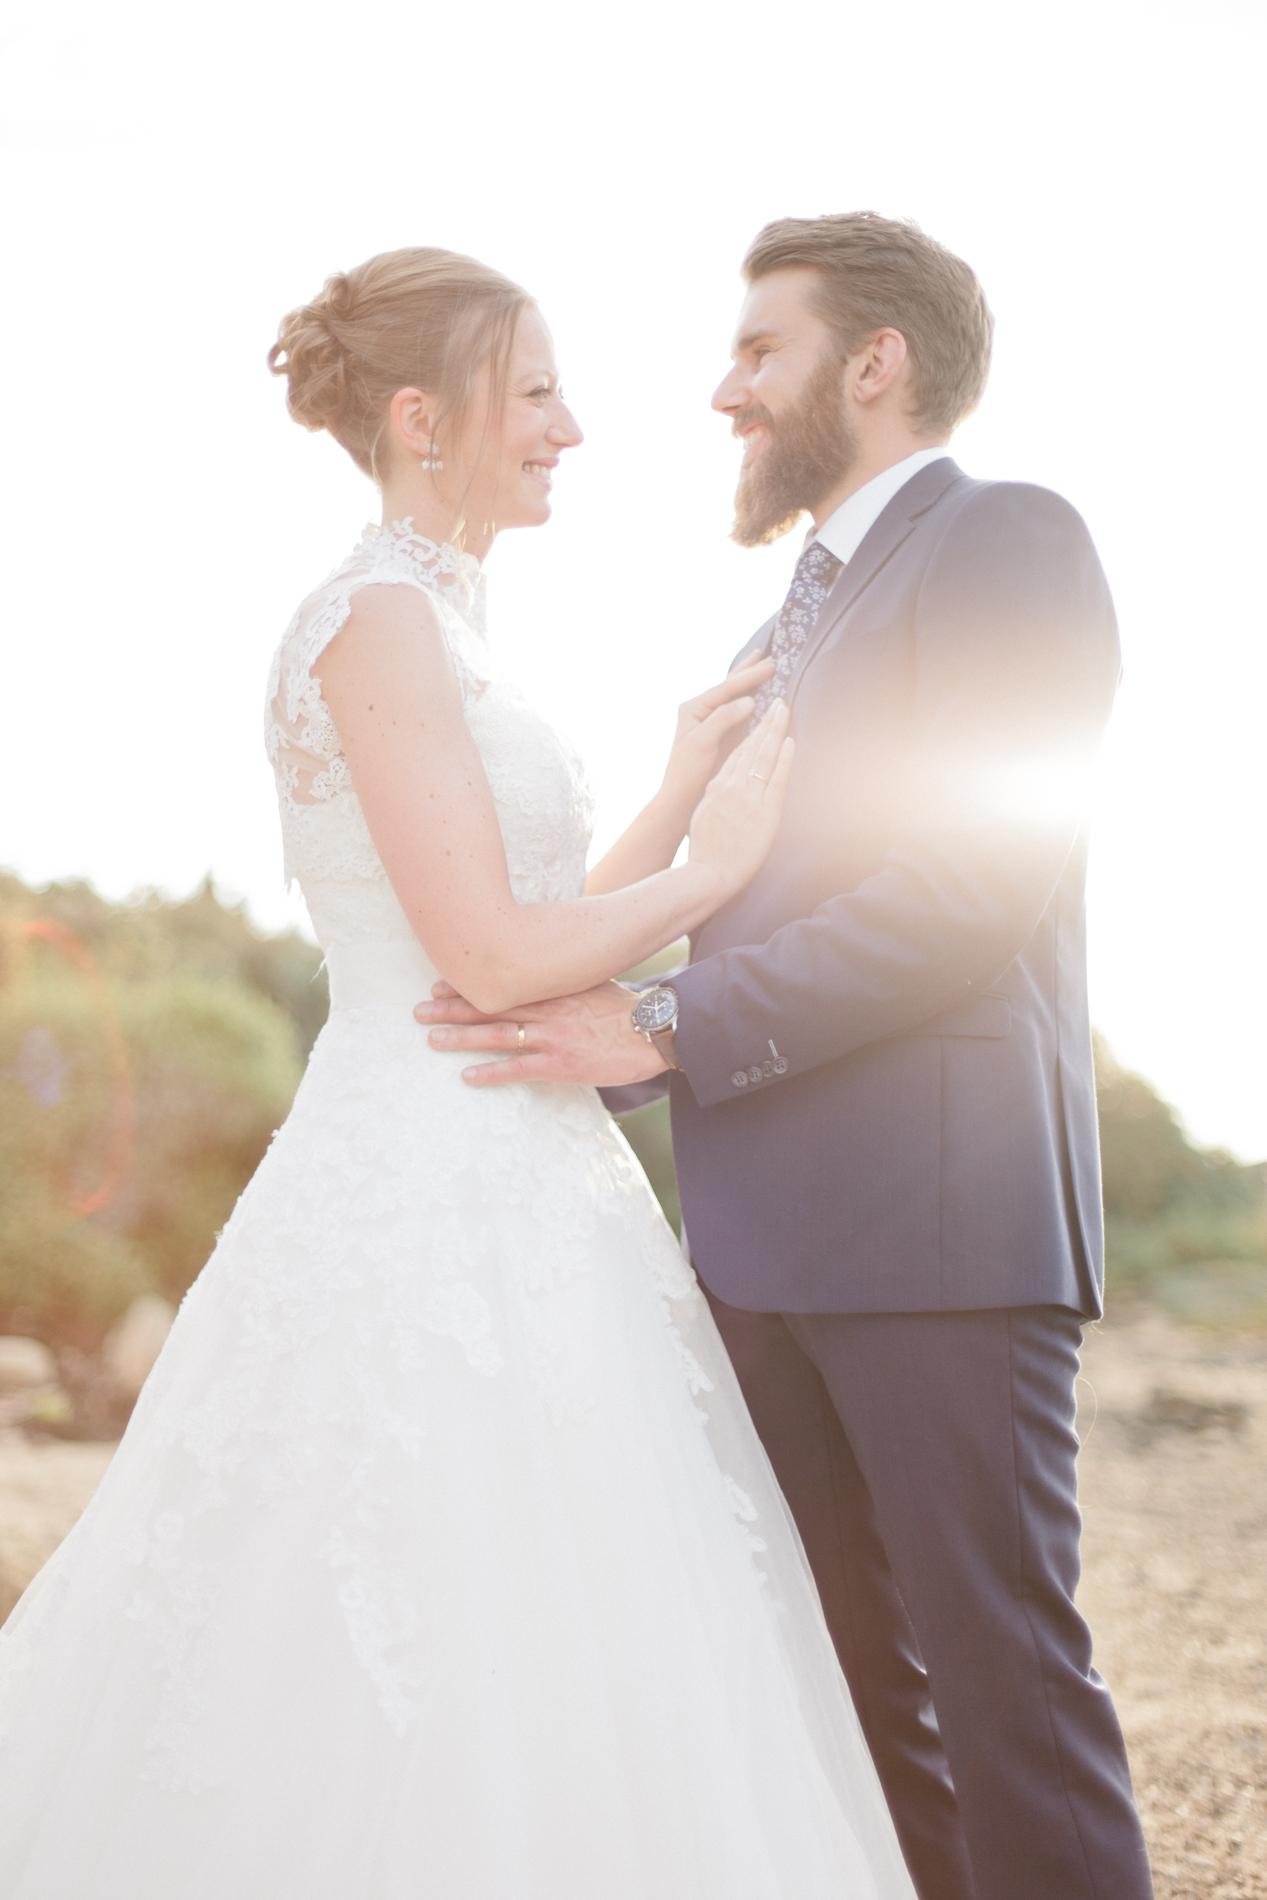 photographe-mariage-bretagne-maria-thomas-85